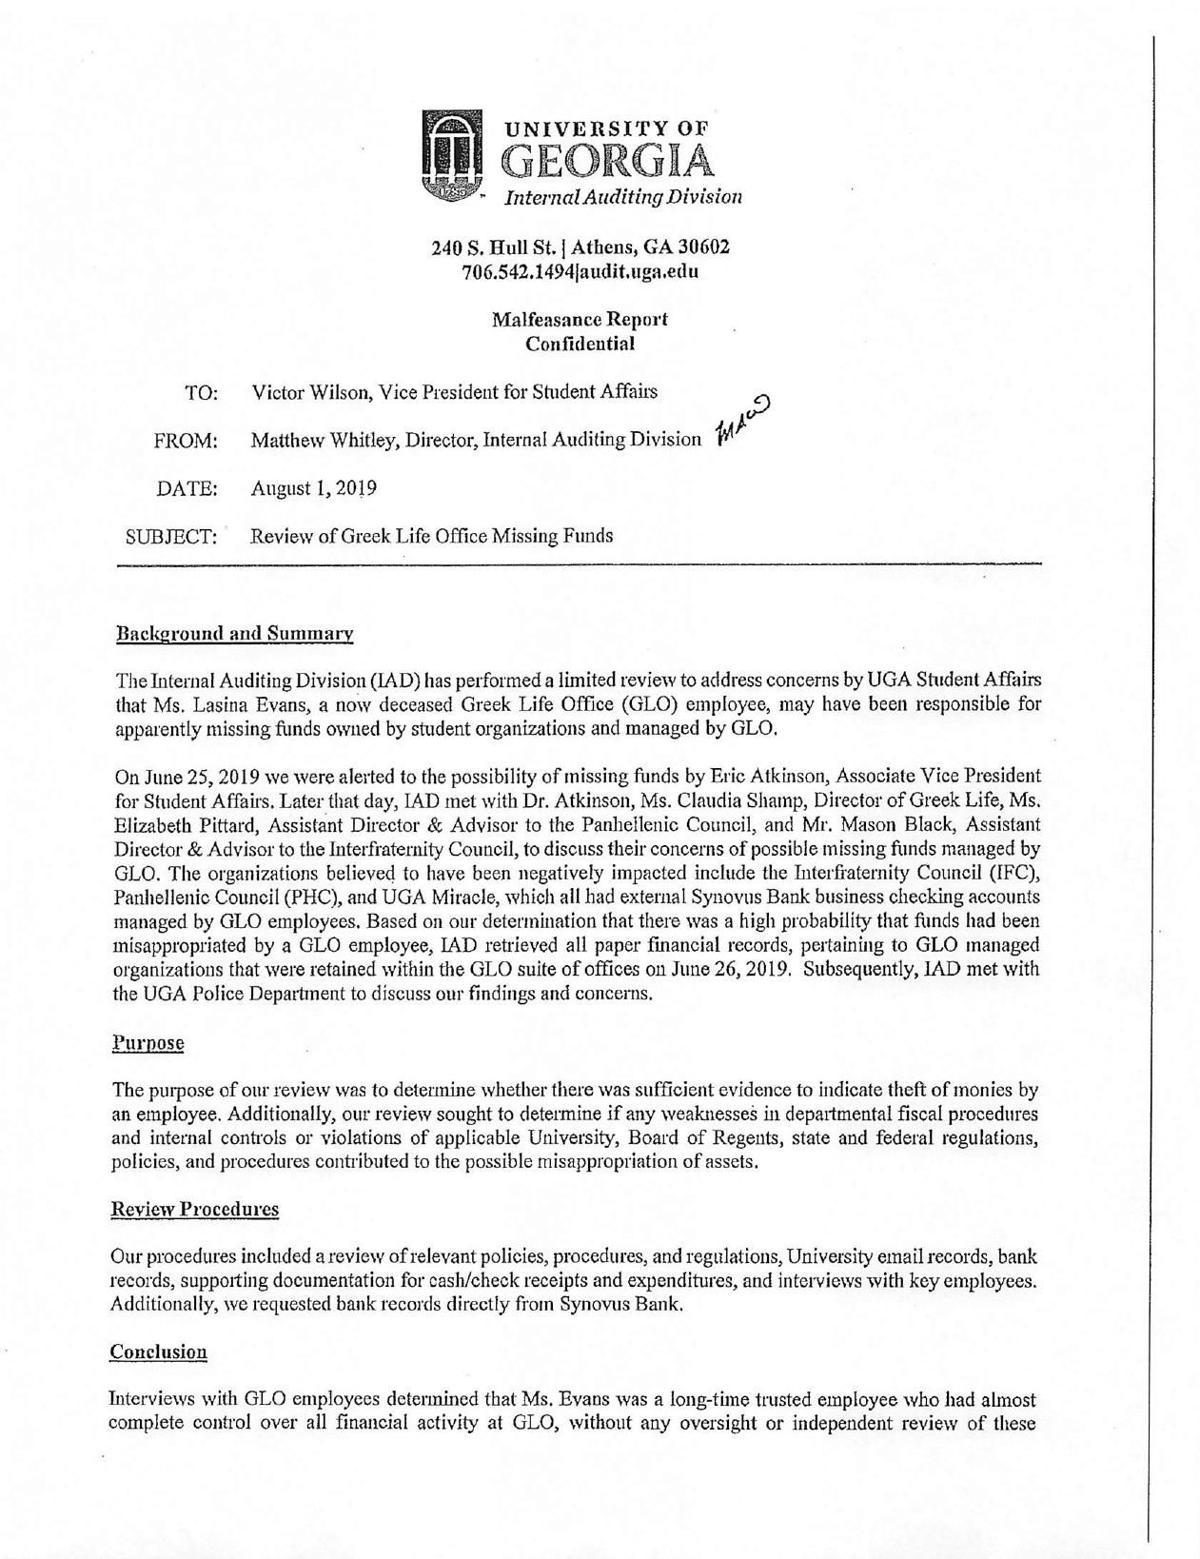 UGA IAD Aug. 1 Malfeasance Report